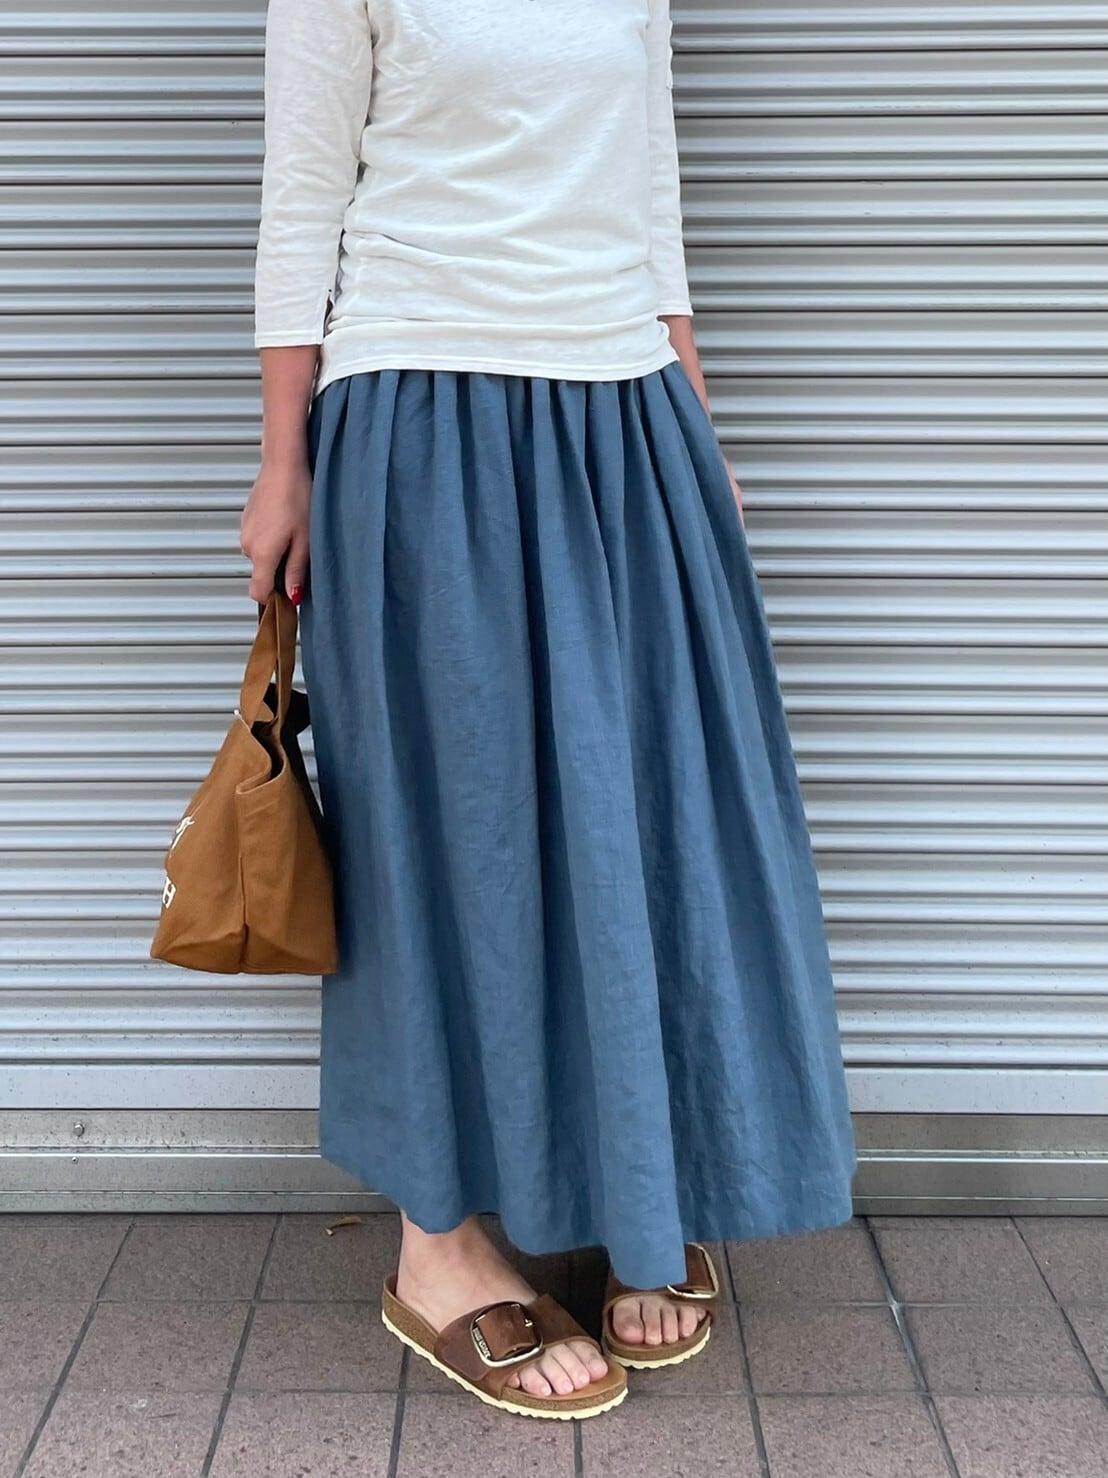 【atelier sou】リネンギャザースカート